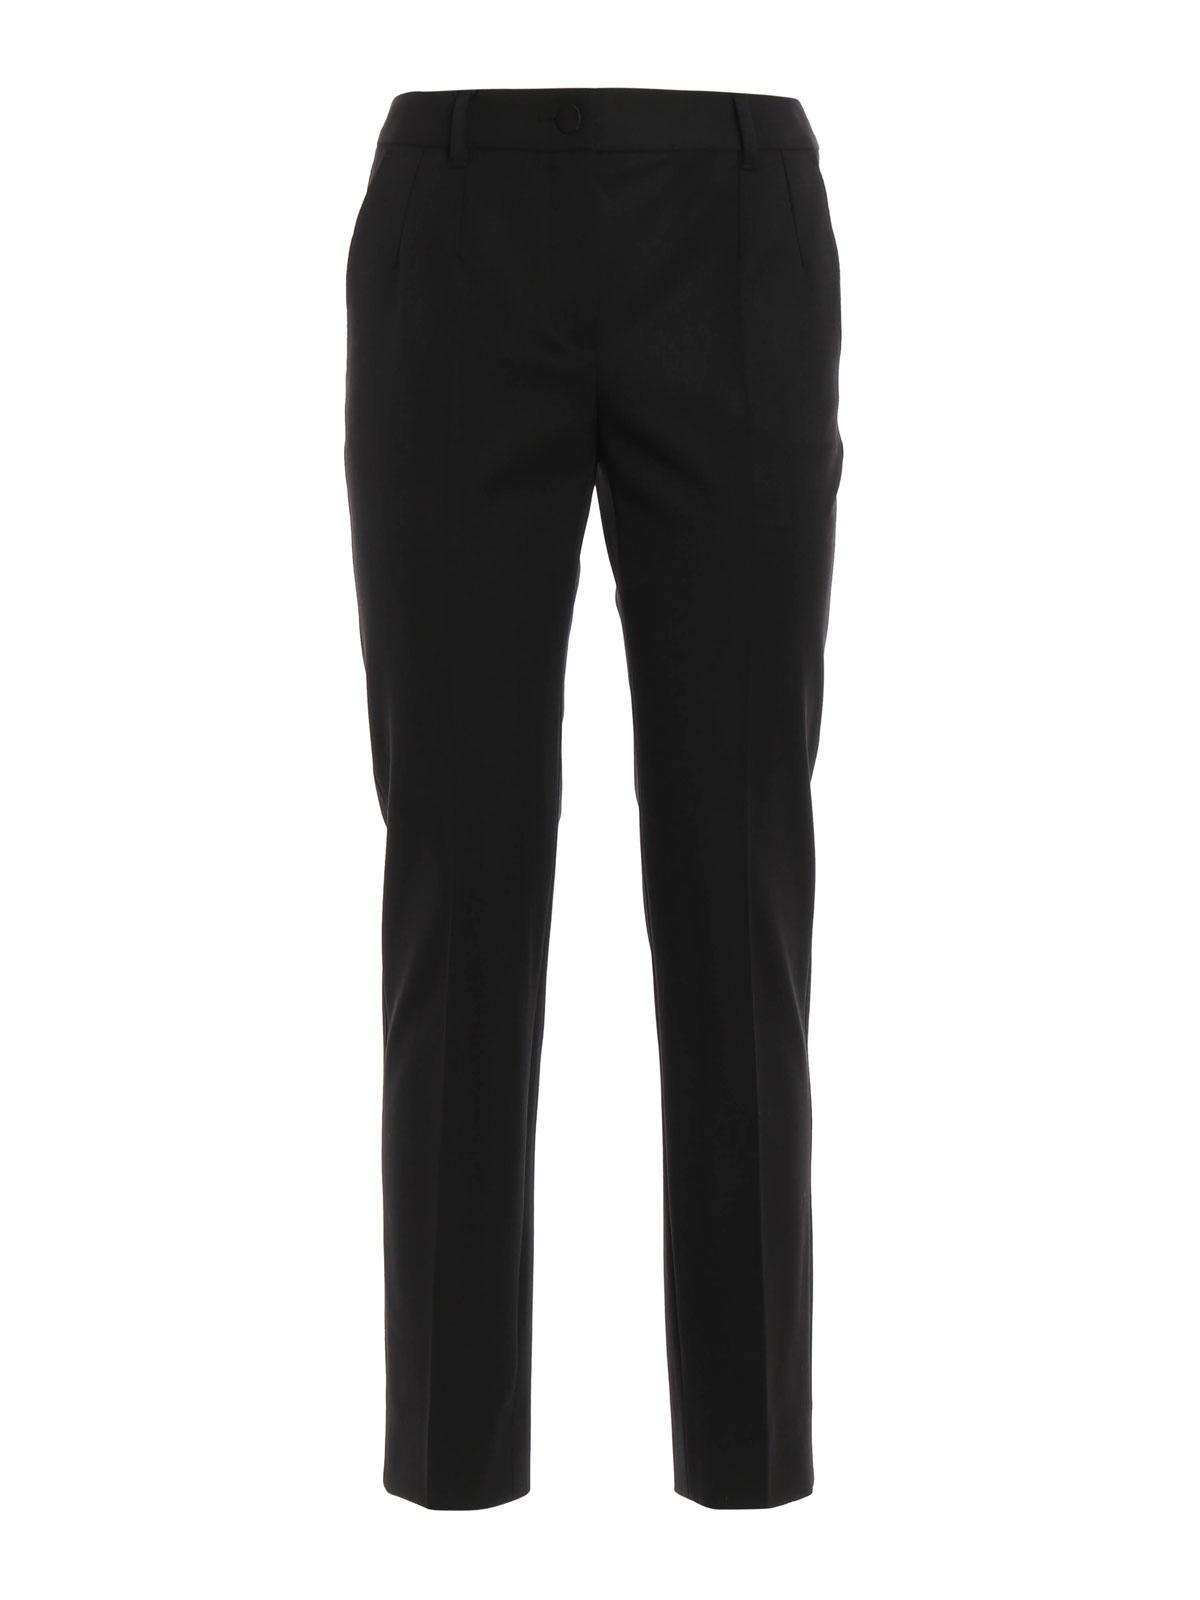 DOLCE   GABBANA  Pantalons élégants - Pantalon Ajusté Noir Pour Femme c3b6e76c8be6